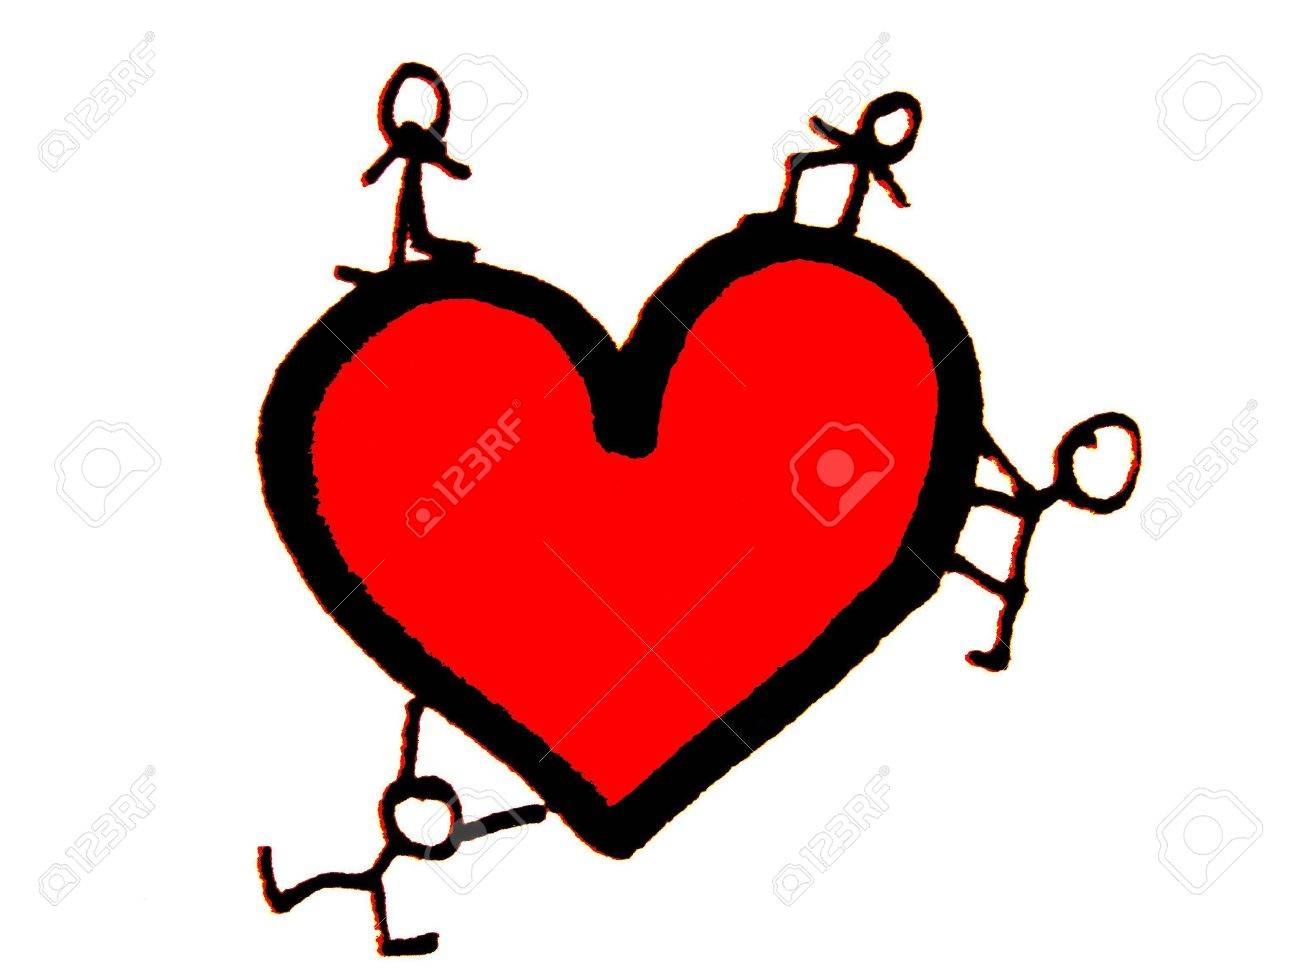 heart Stock Photo - 3631727